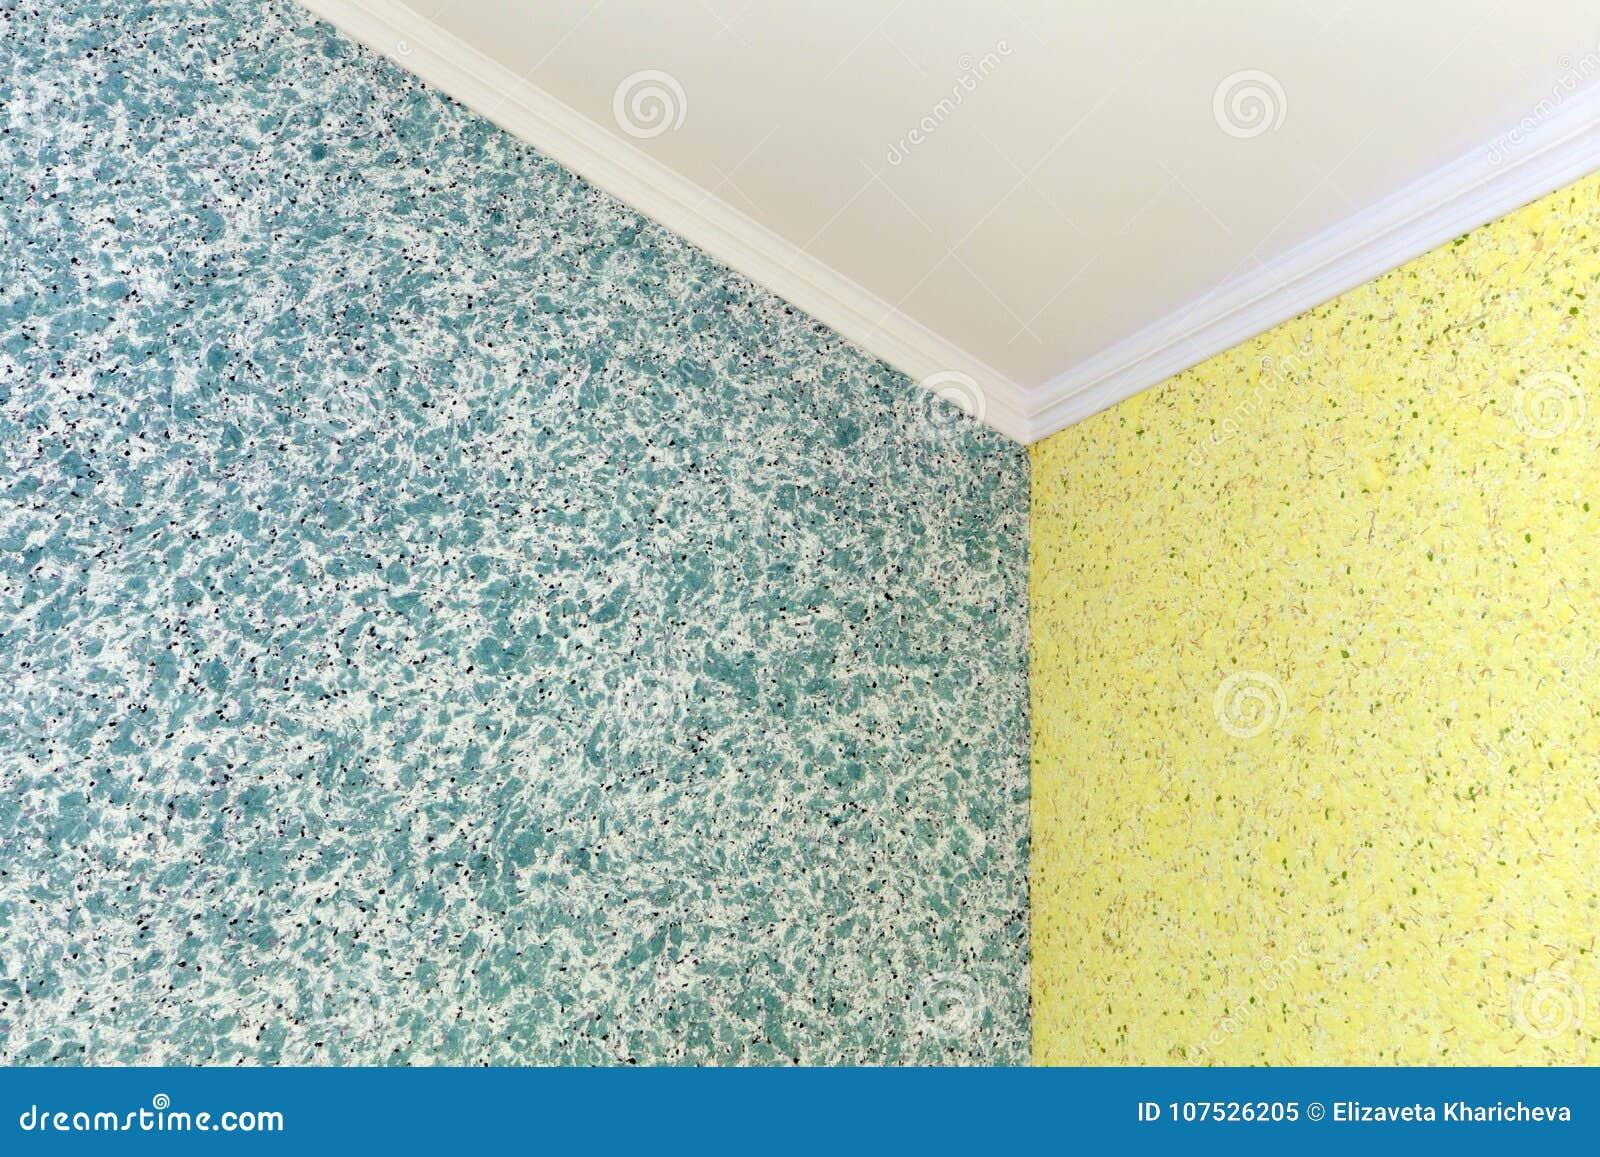 Kvalitets- övergång från blått till den gula vätsketapeten i hörnet av rummet